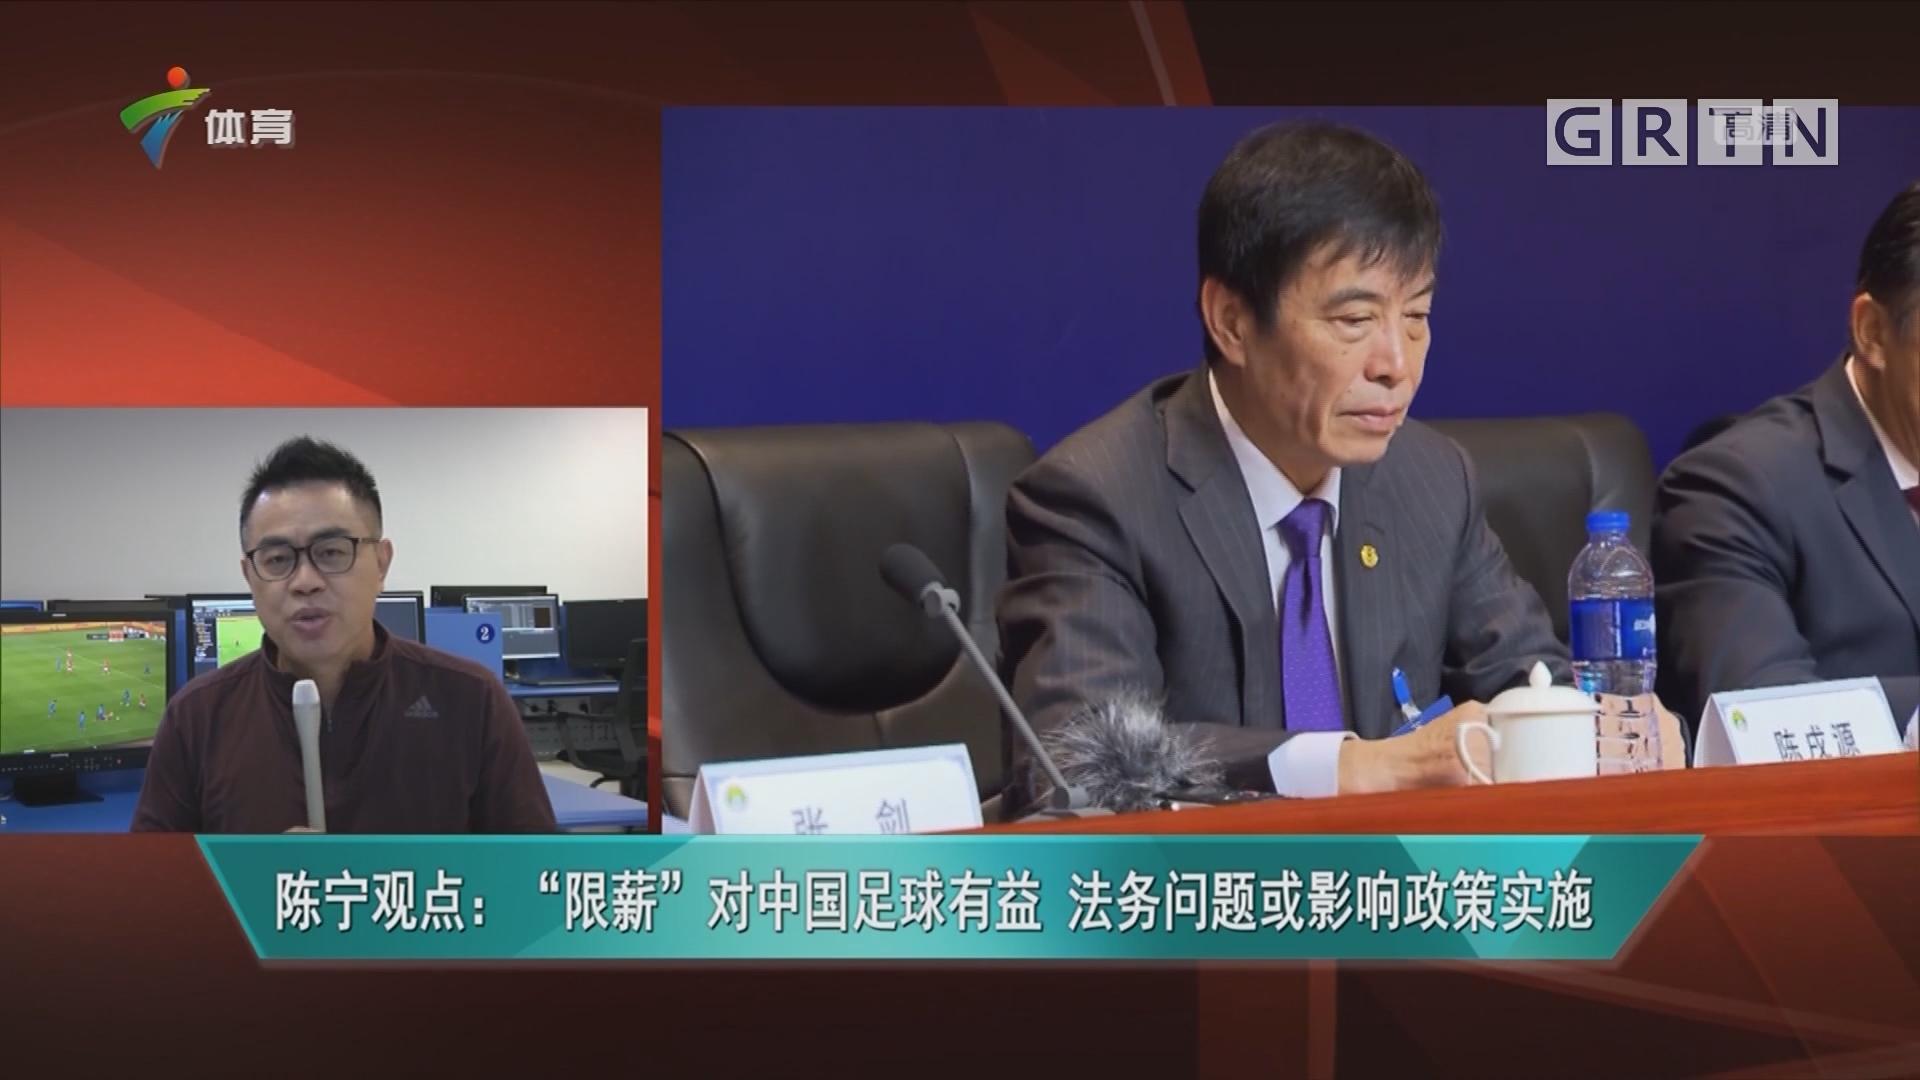 """陈宁观点:""""限薪""""对中国足球有益 法务问题或影响政策实施"""